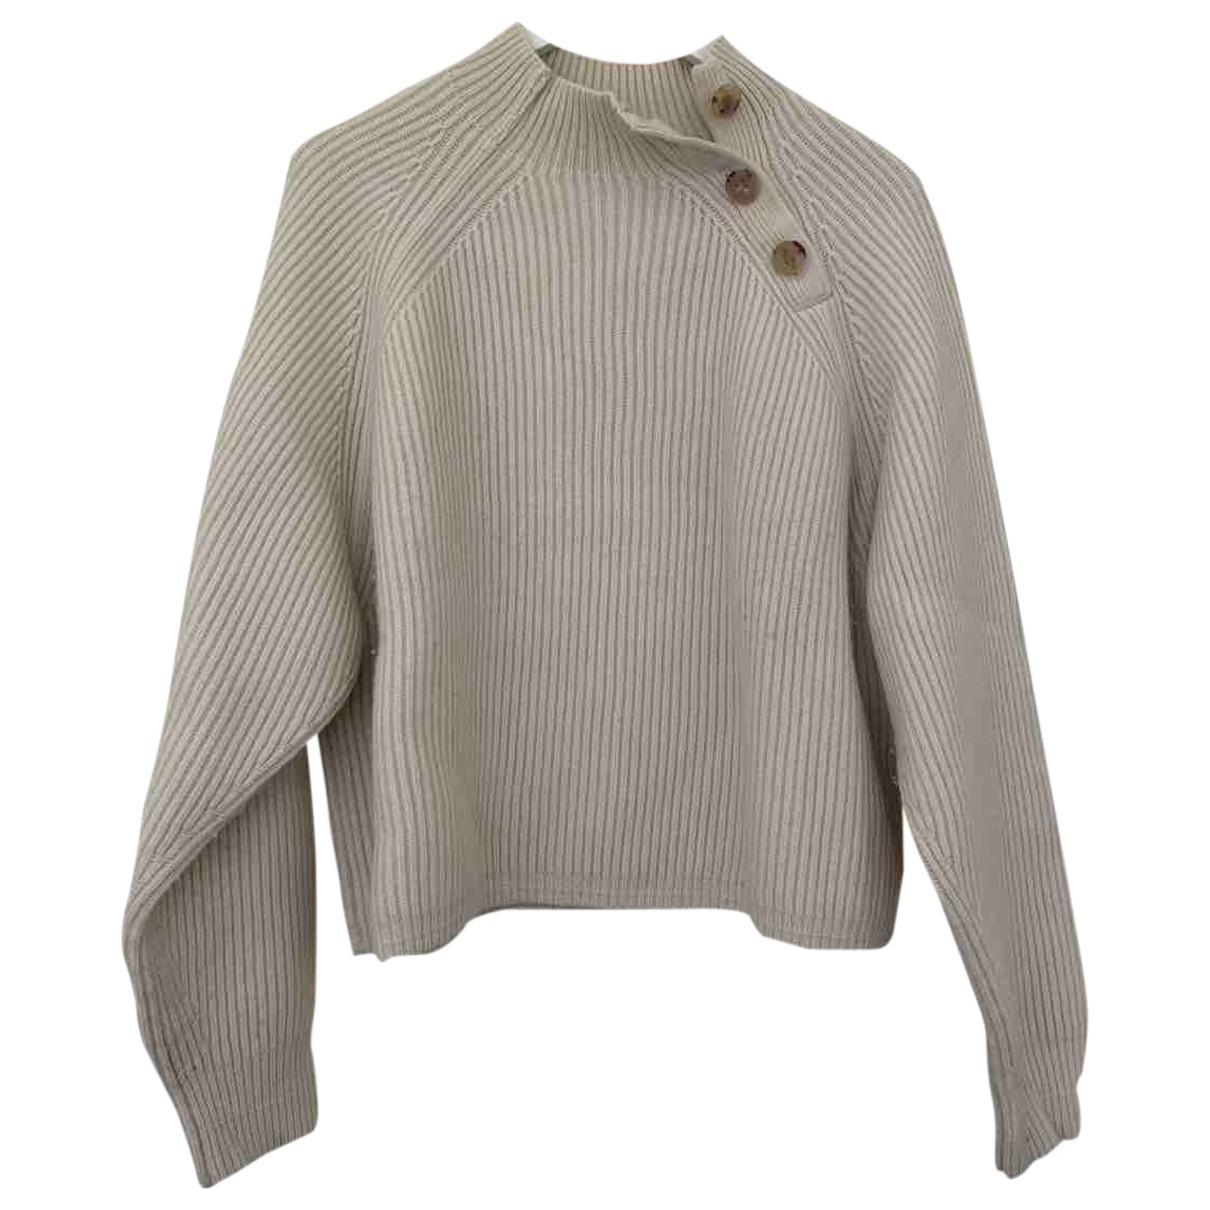 Acne Studios - Pull   pour femme en laine - beige